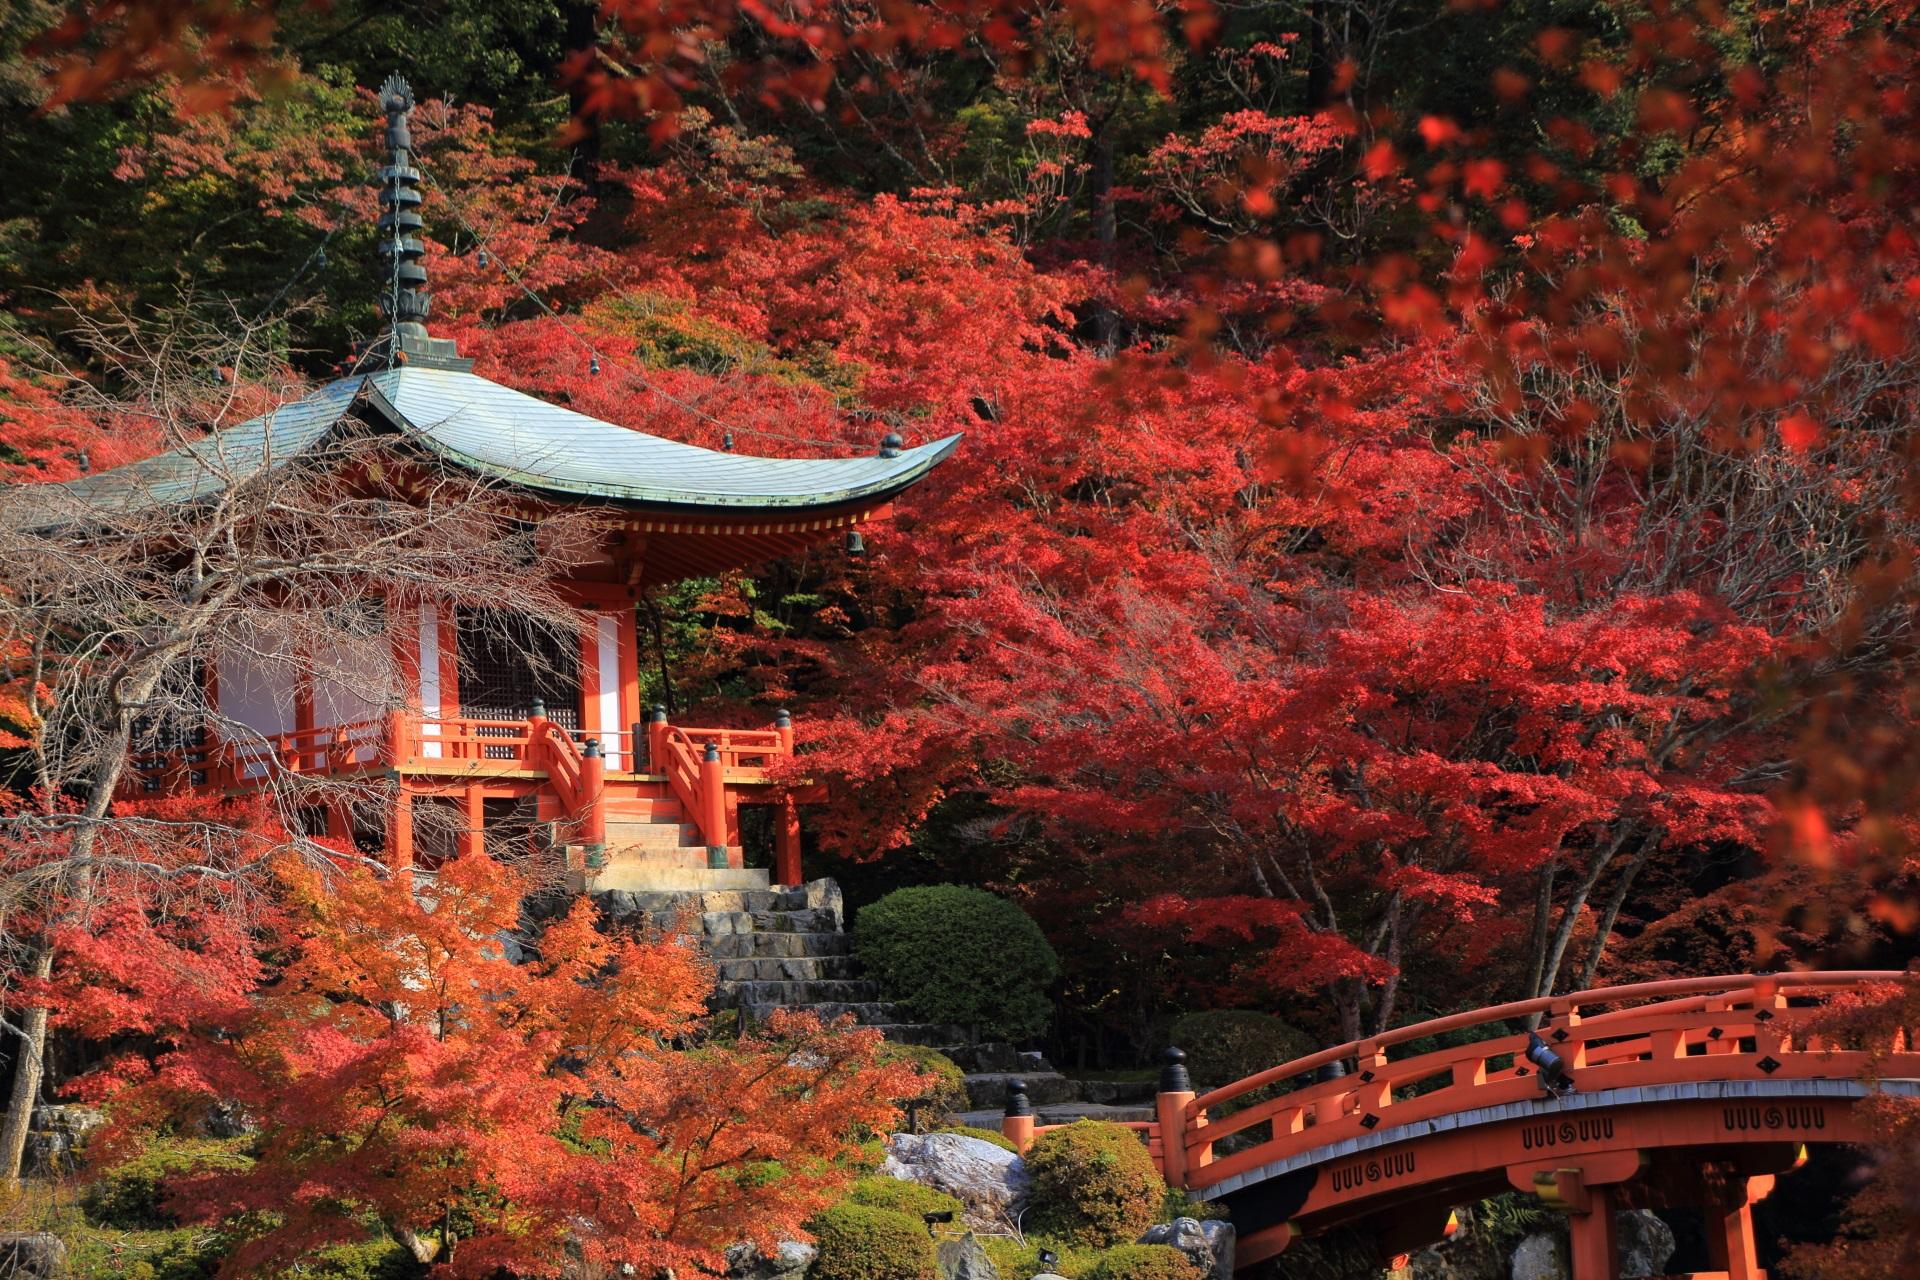 水辺に佇む弁天堂と朱色の橋を彩る艶やかな紅葉